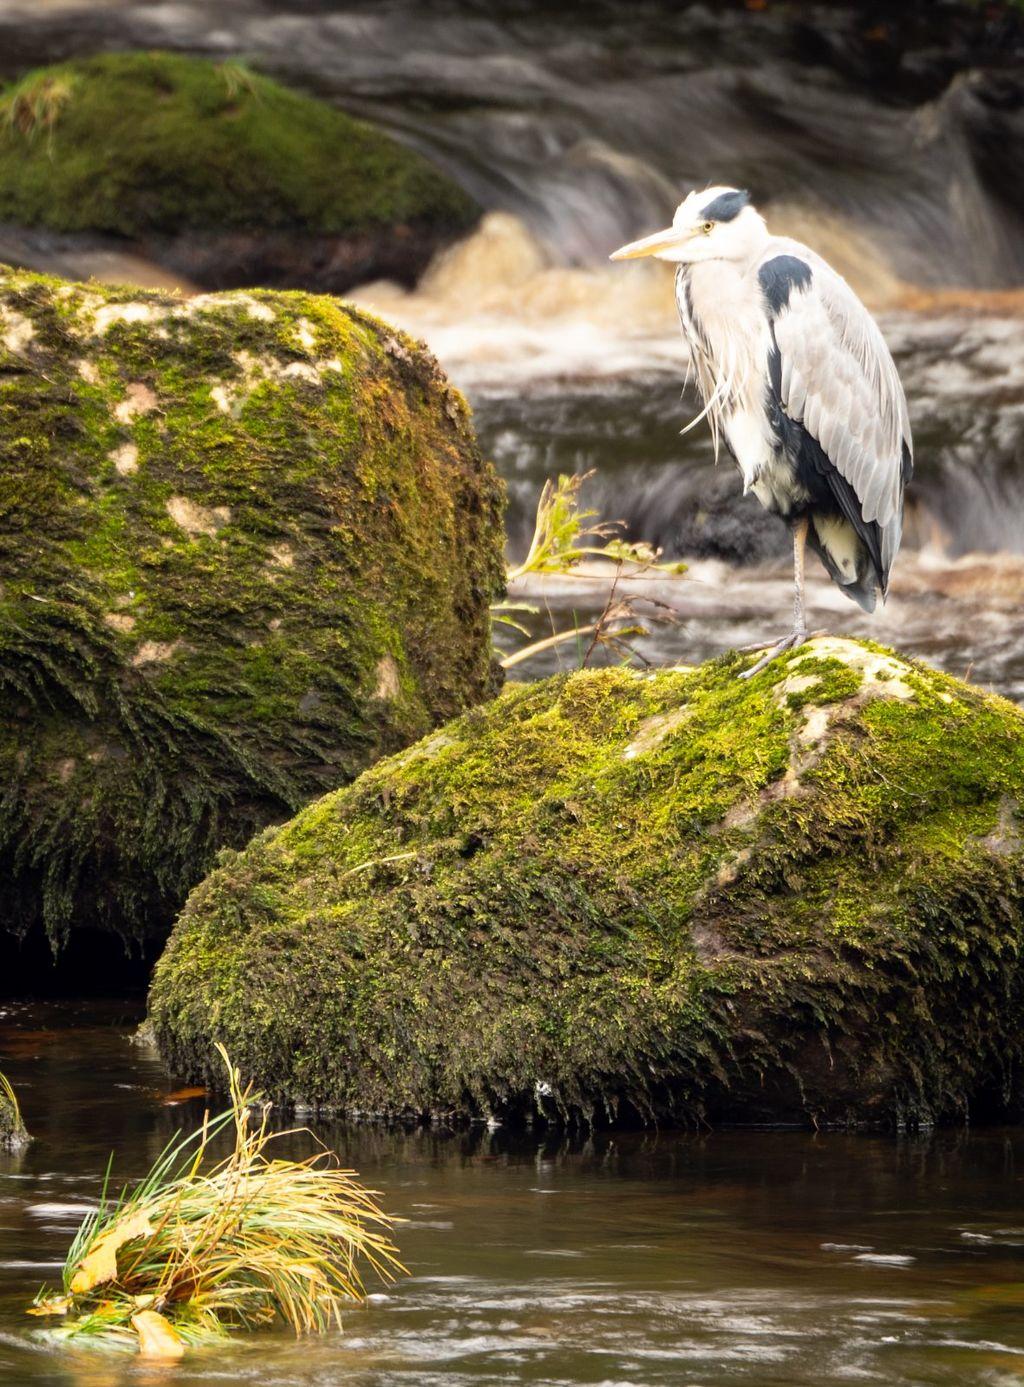 River Wharfe Fisherman